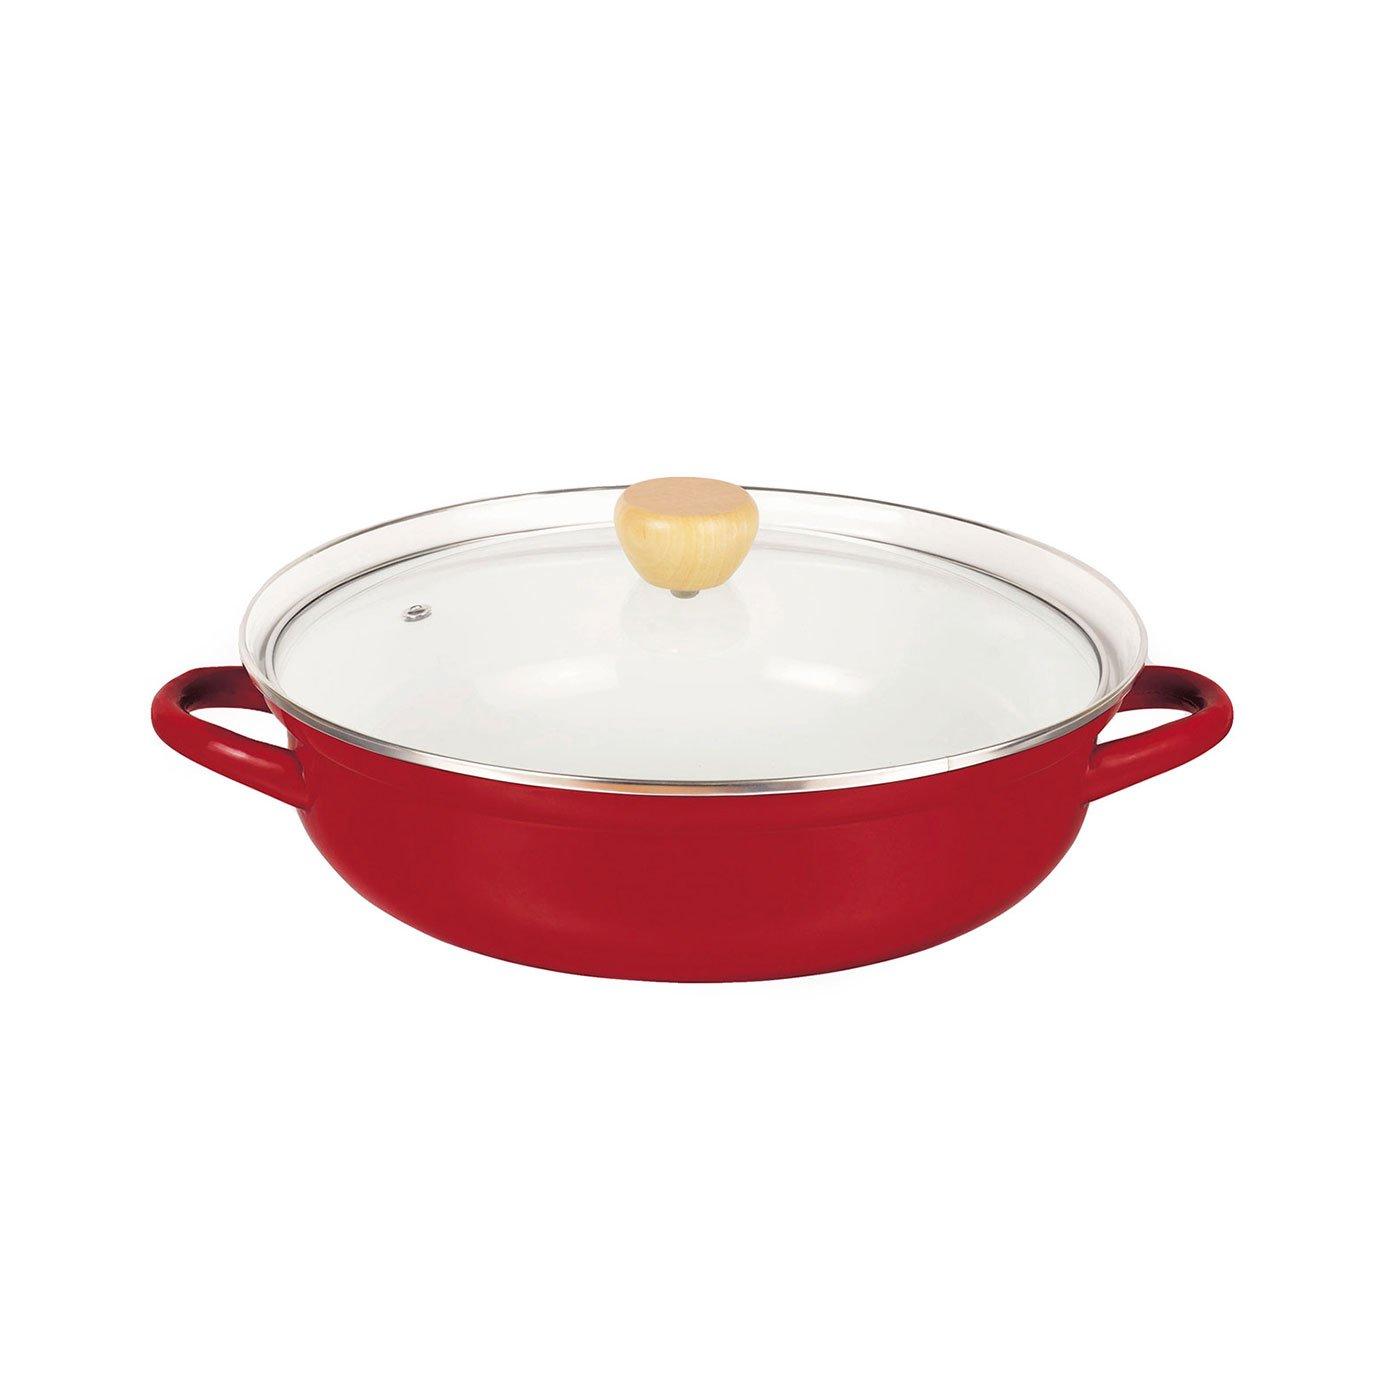 赤色が食卓を彩る ガス火でもIHでも使えるホーロー卓上鍋〈27cm〉